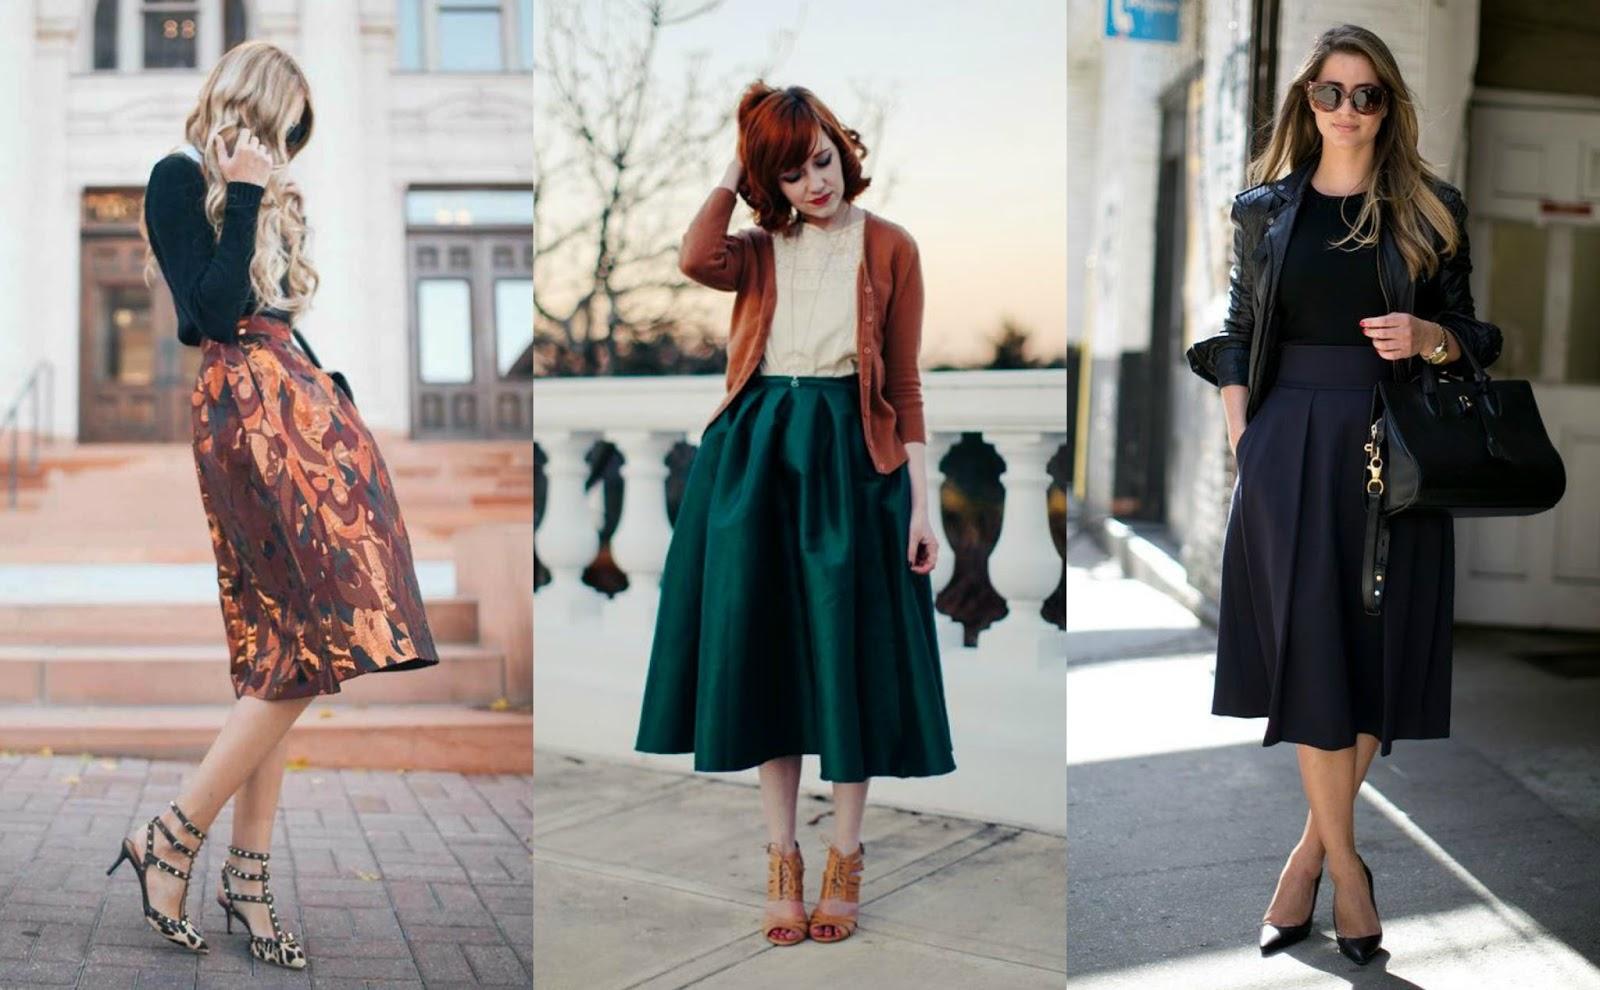 5 Cara Berpakaian yang Sopan untuk Perempuan Saat ke Gereja